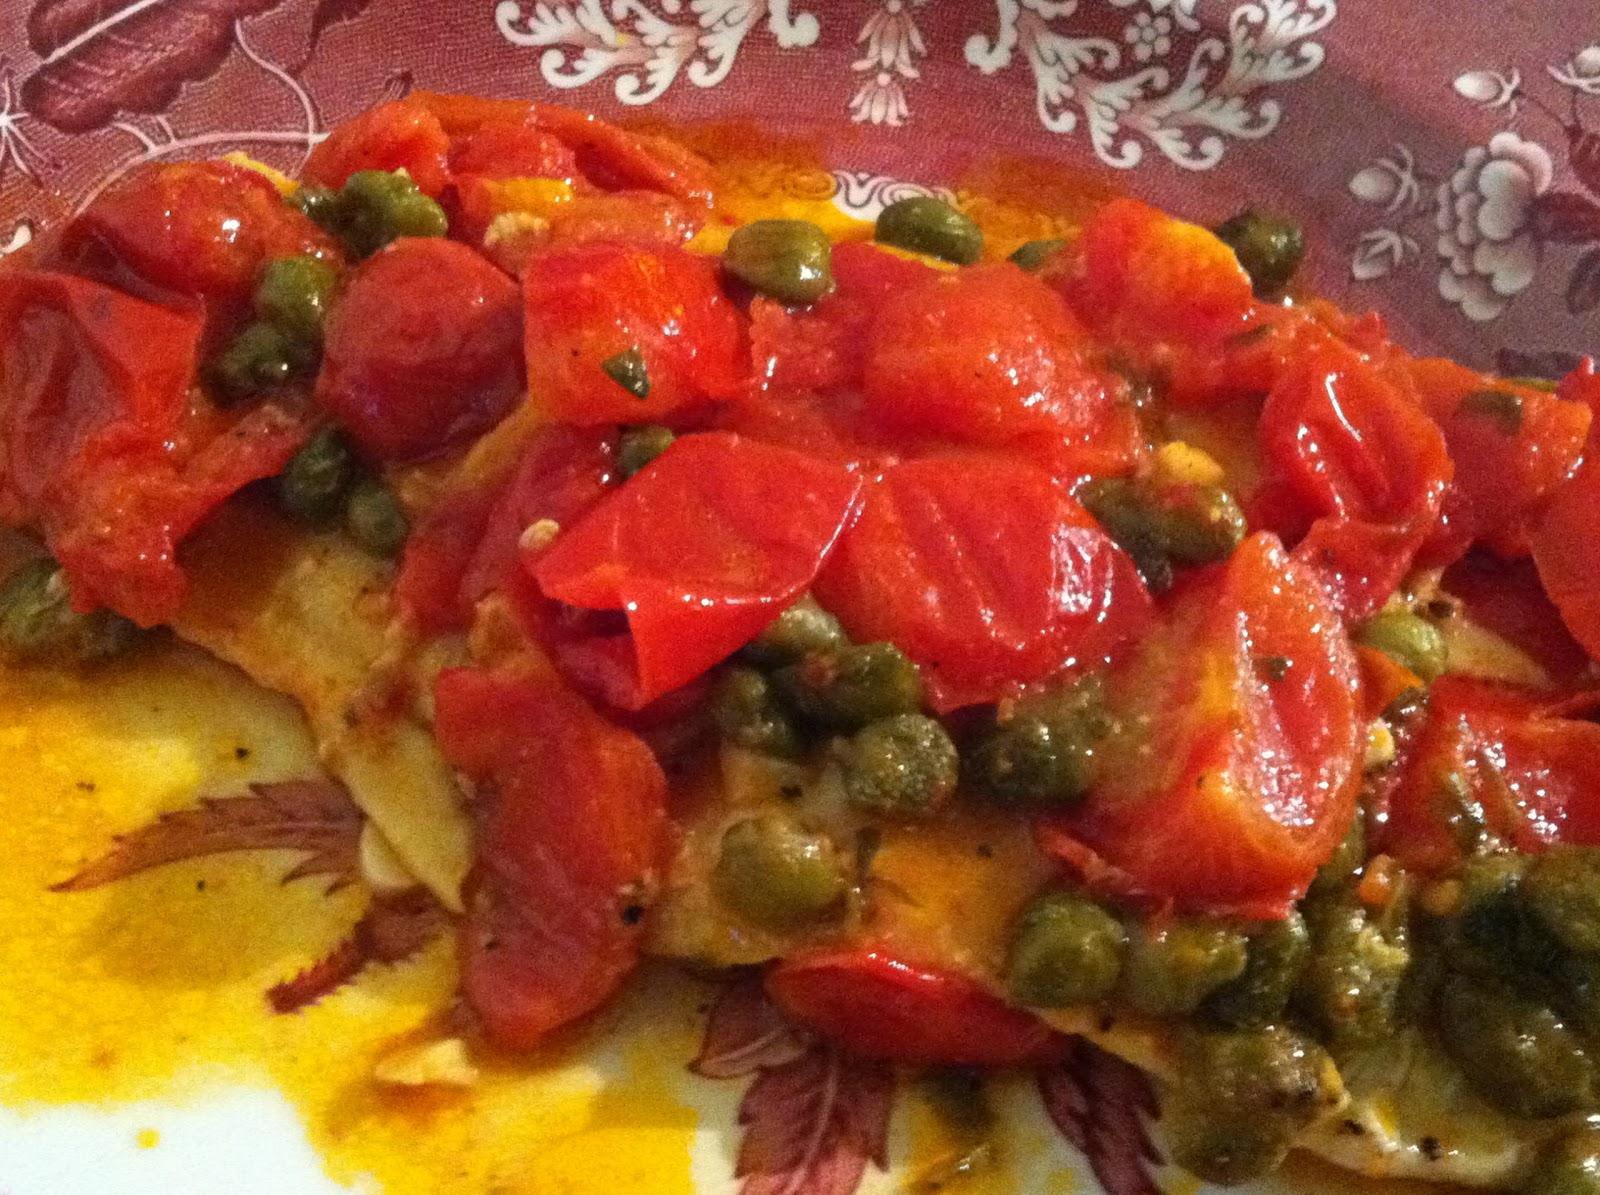 Golosando serenamente merluzzo con capperi e pomodorini - Cucinare merluzzo surgelato ...